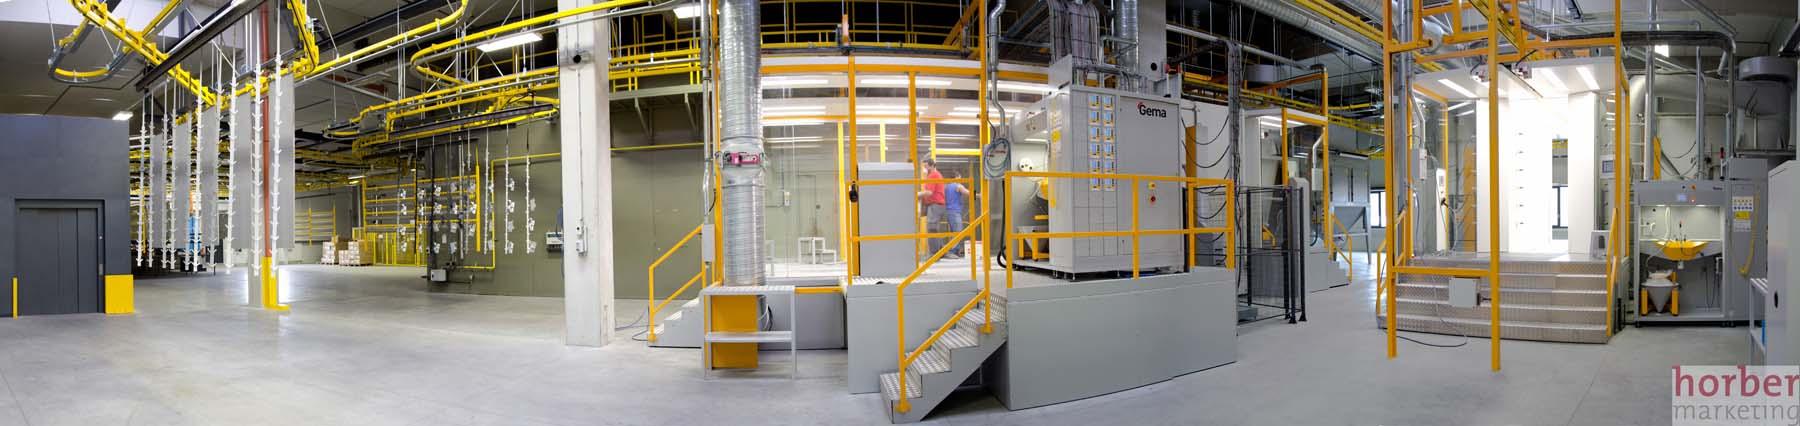 Pulverbeschichtungsanlage Panorama fotografiert von horber marketing